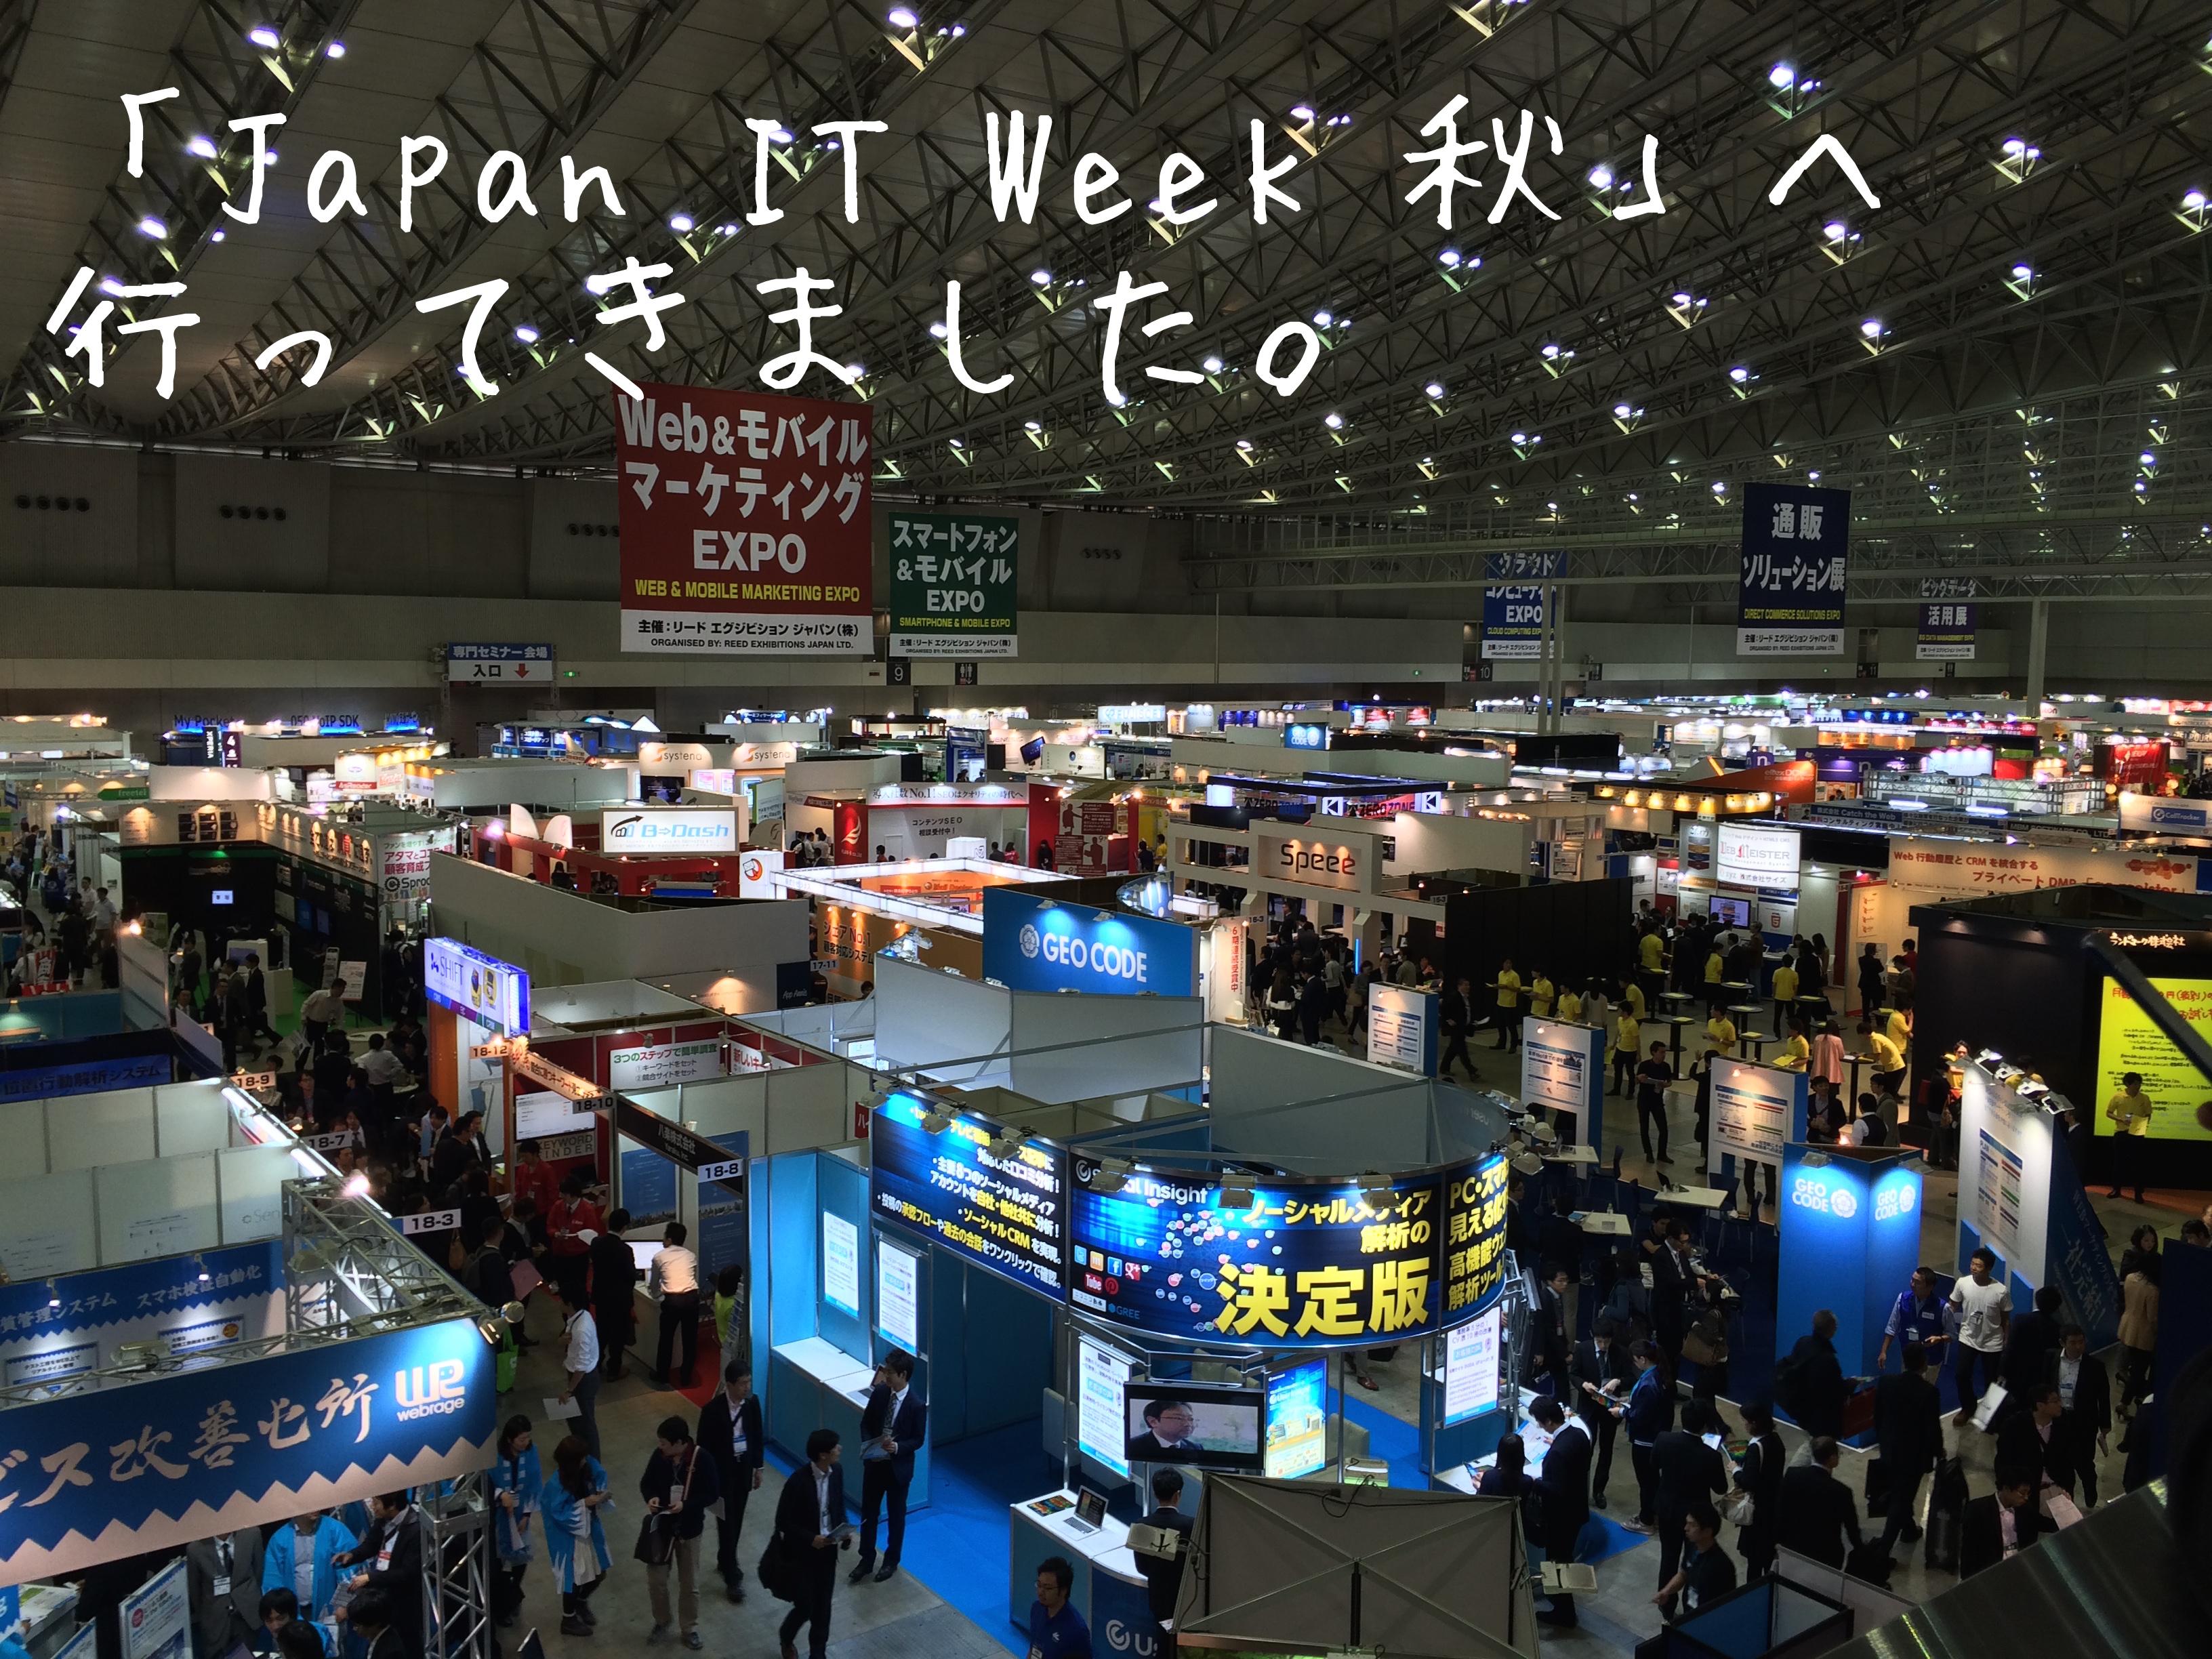 Japan IT Week 秋(幕張)へ行ってきました。